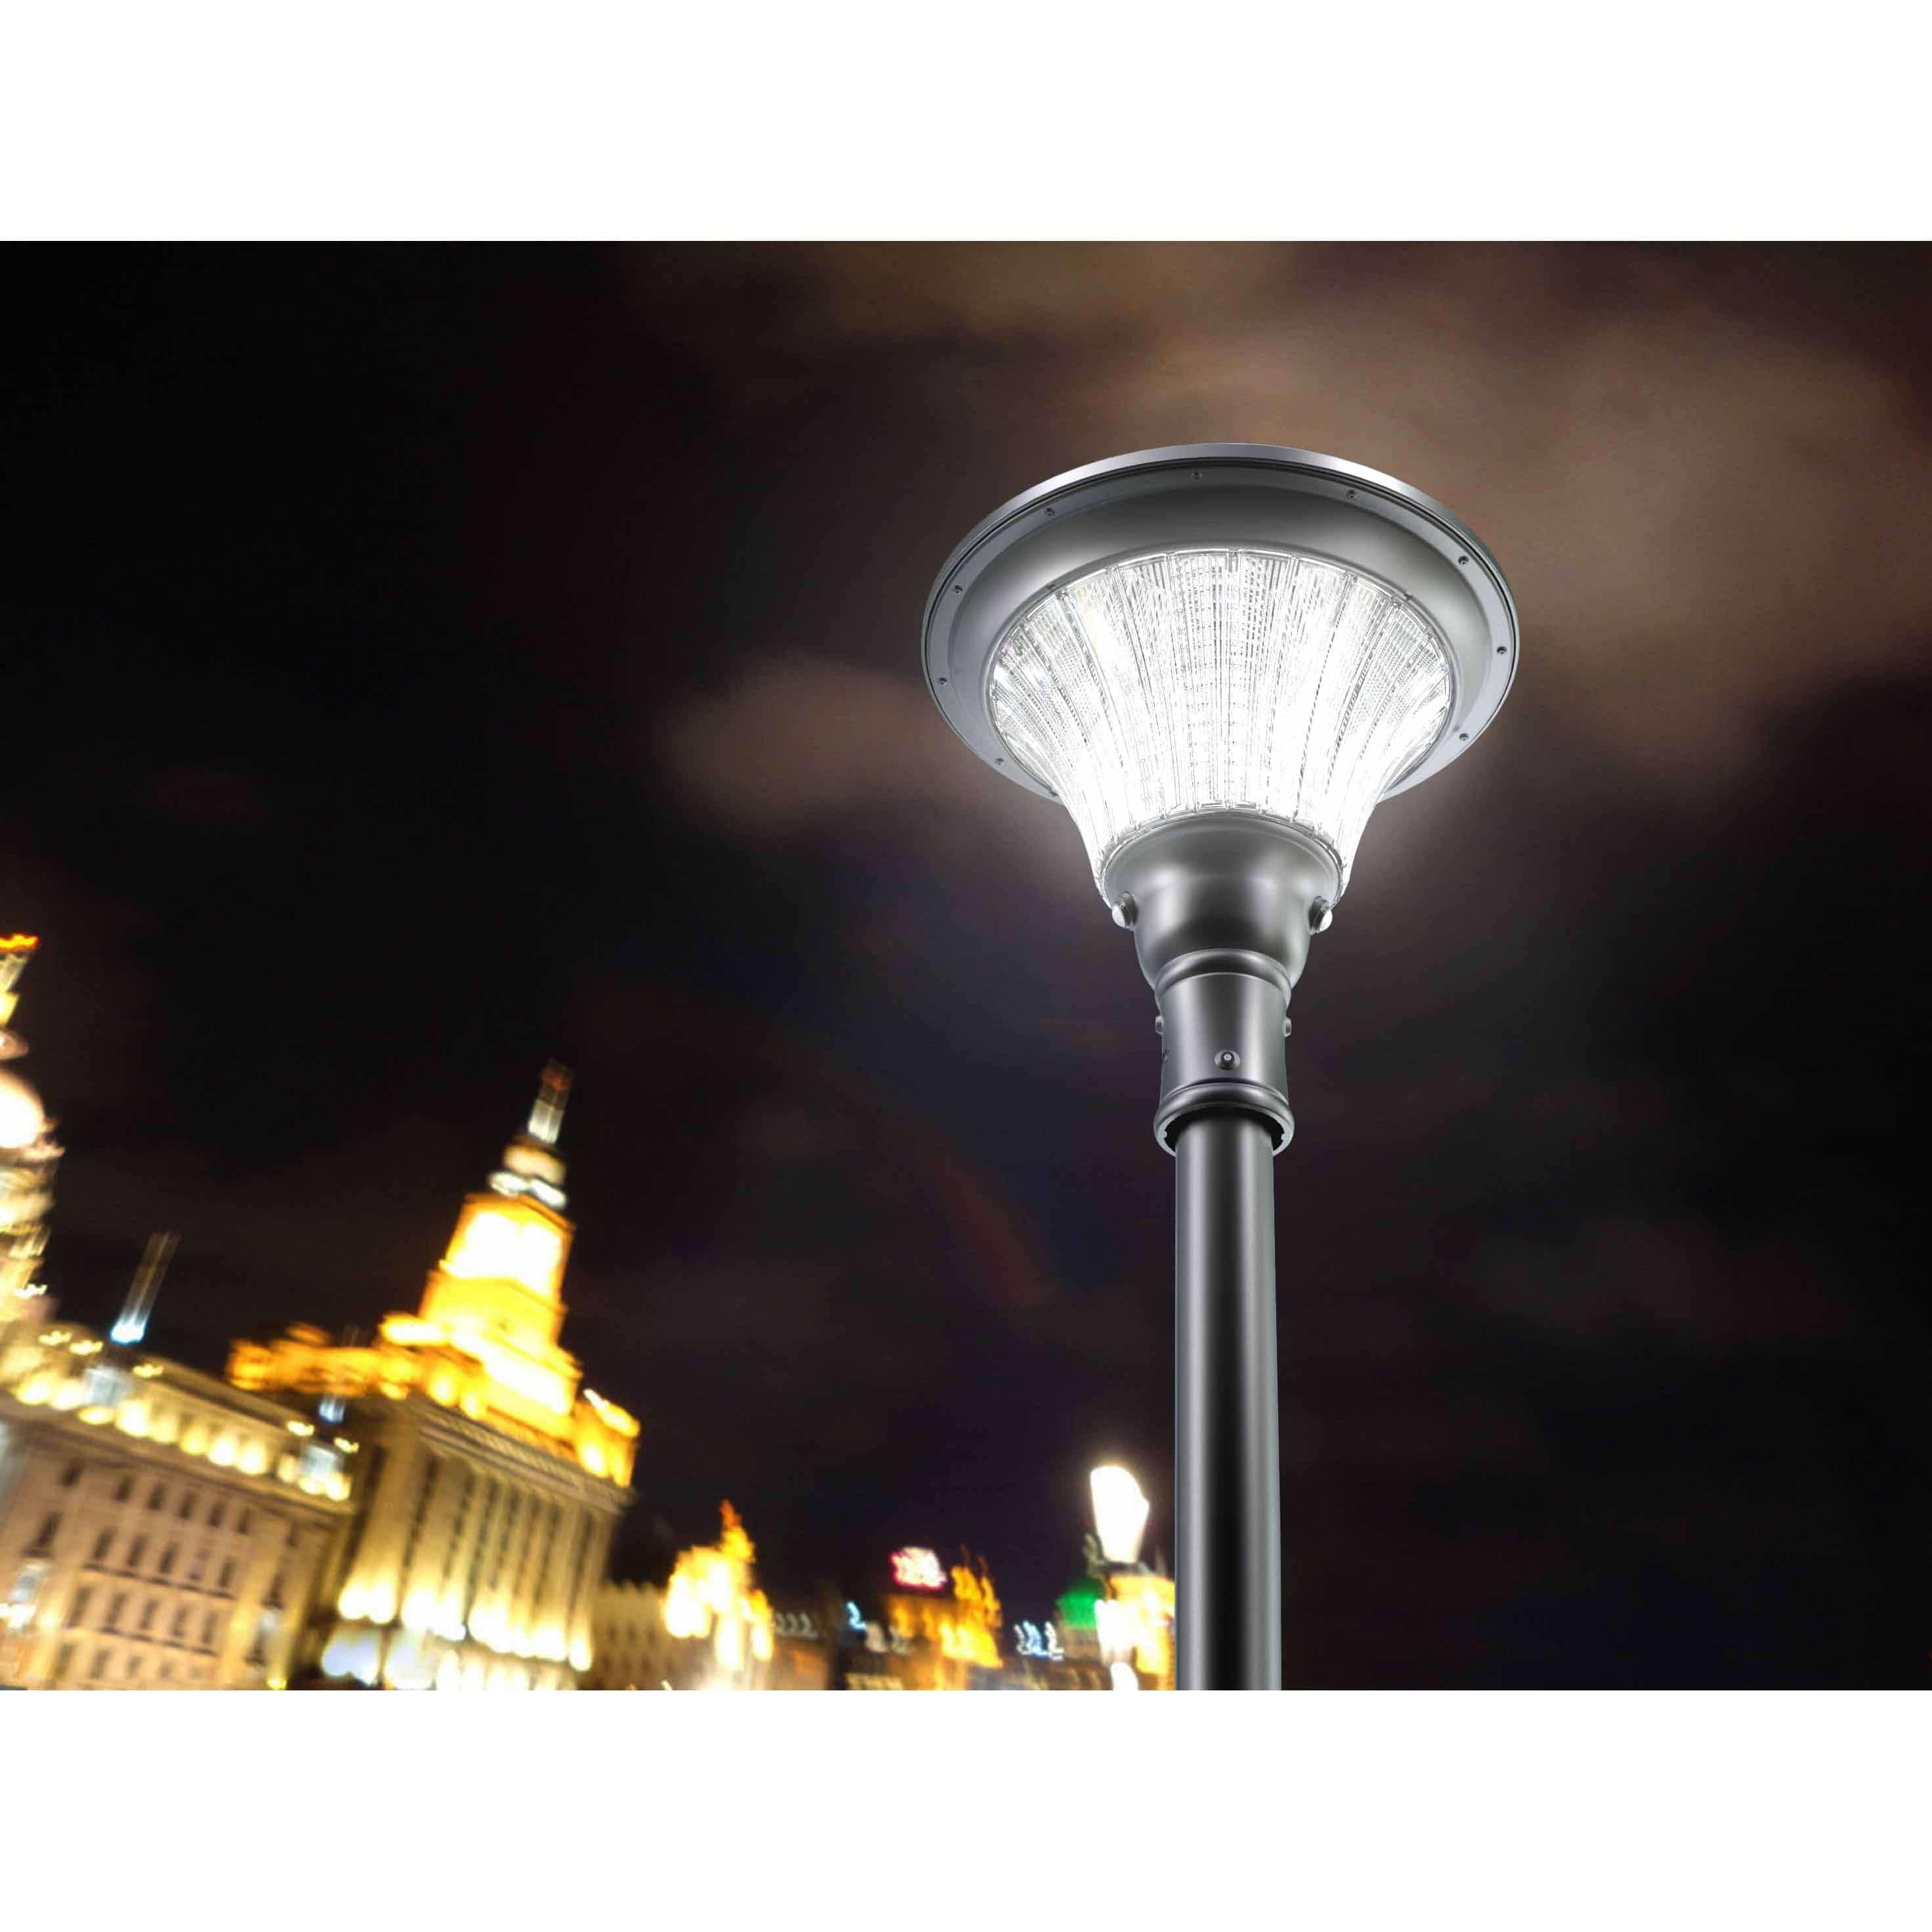 Lampione led ad energia solare per esterno ecoworld for Filtro per laghetto ad energia solare